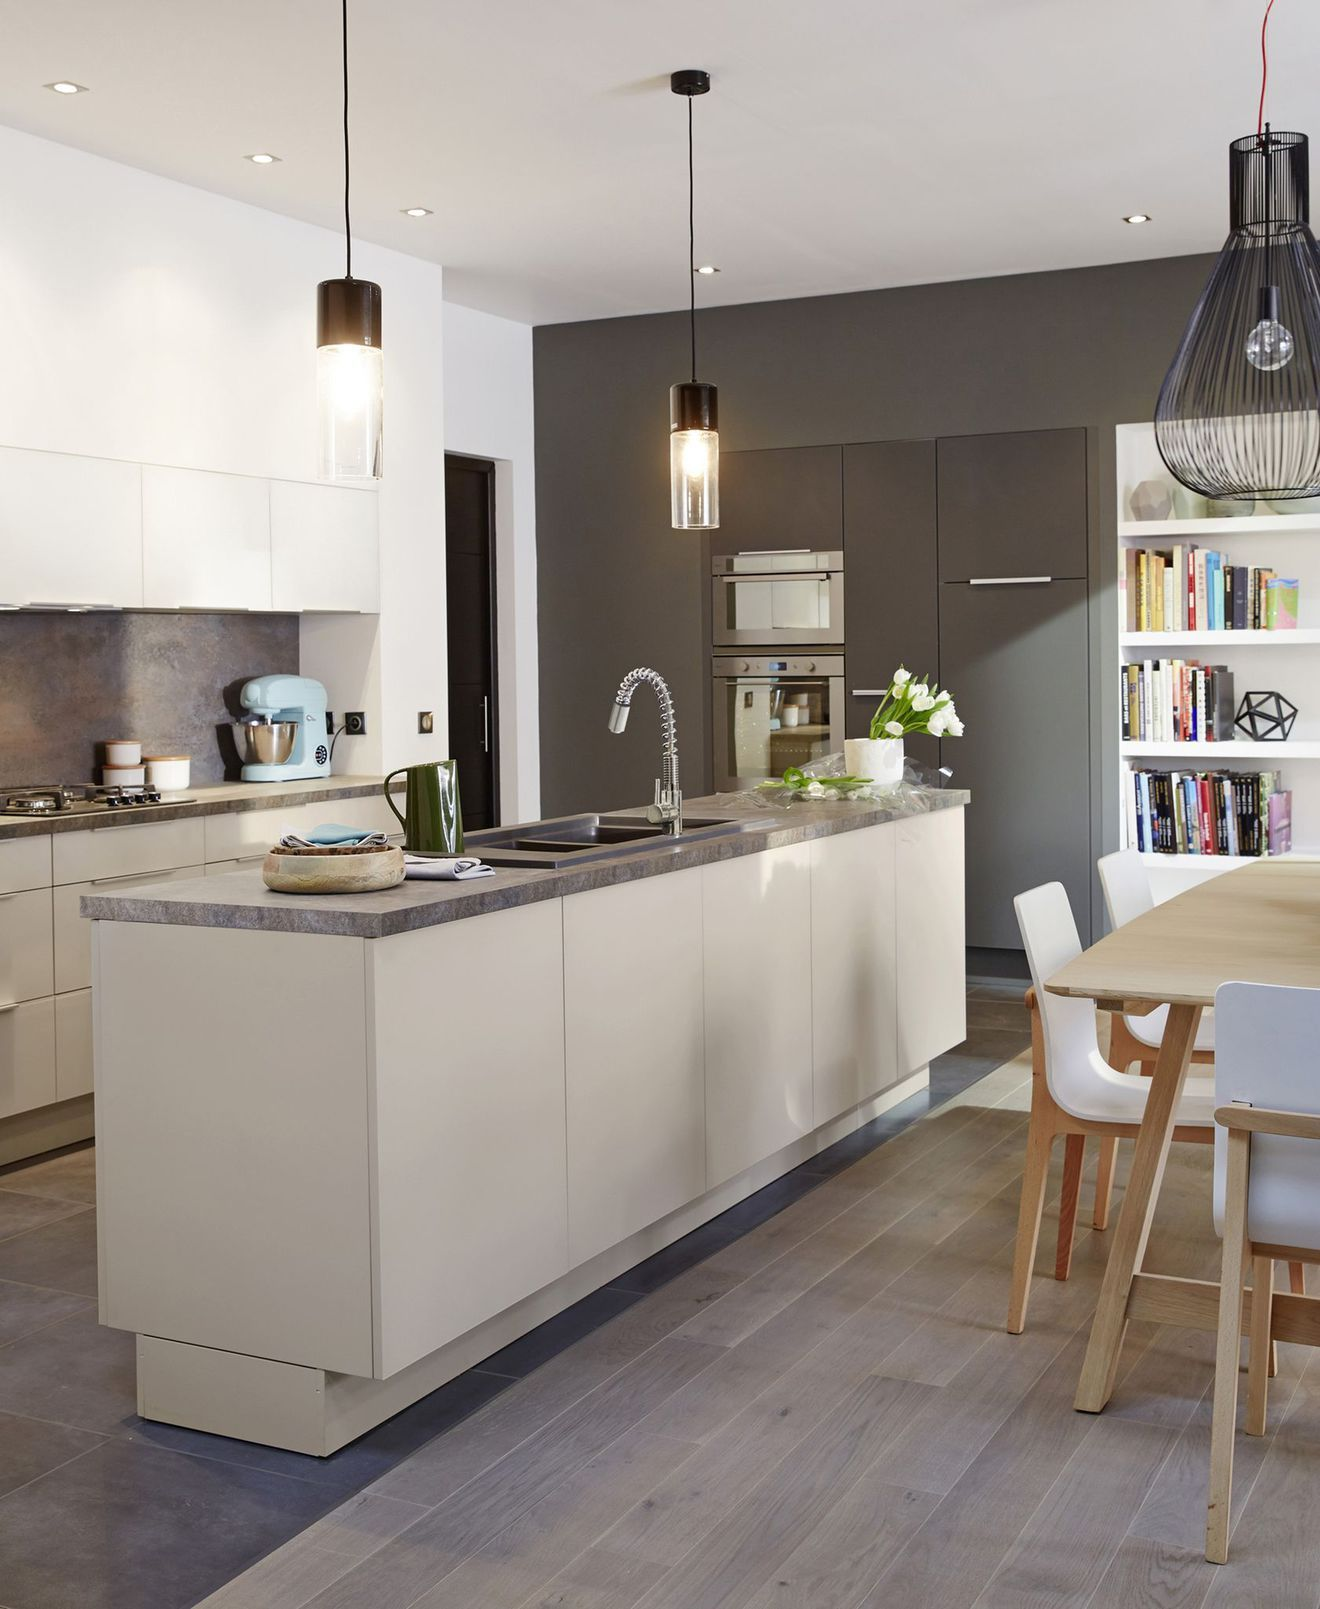 Tolle Kücheninsel Beleuchtung Für Gewölbte Decke Ideen - Ideen Für ...